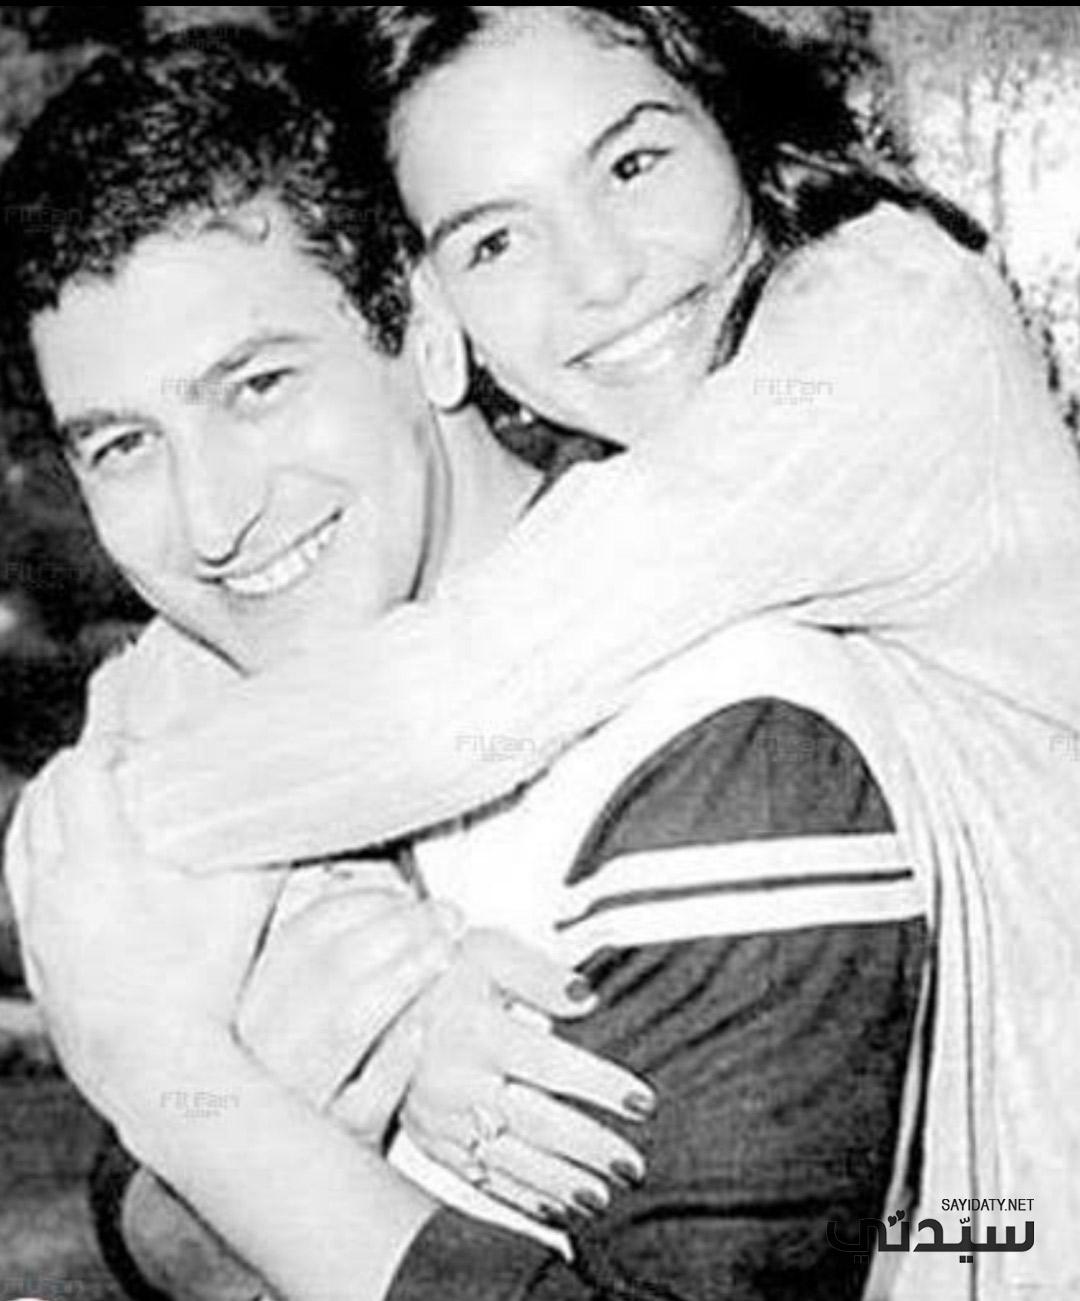 عمر خورشيد وأخته الصغري شيريهان- الصورة من أرشيف جيهان خورشيد